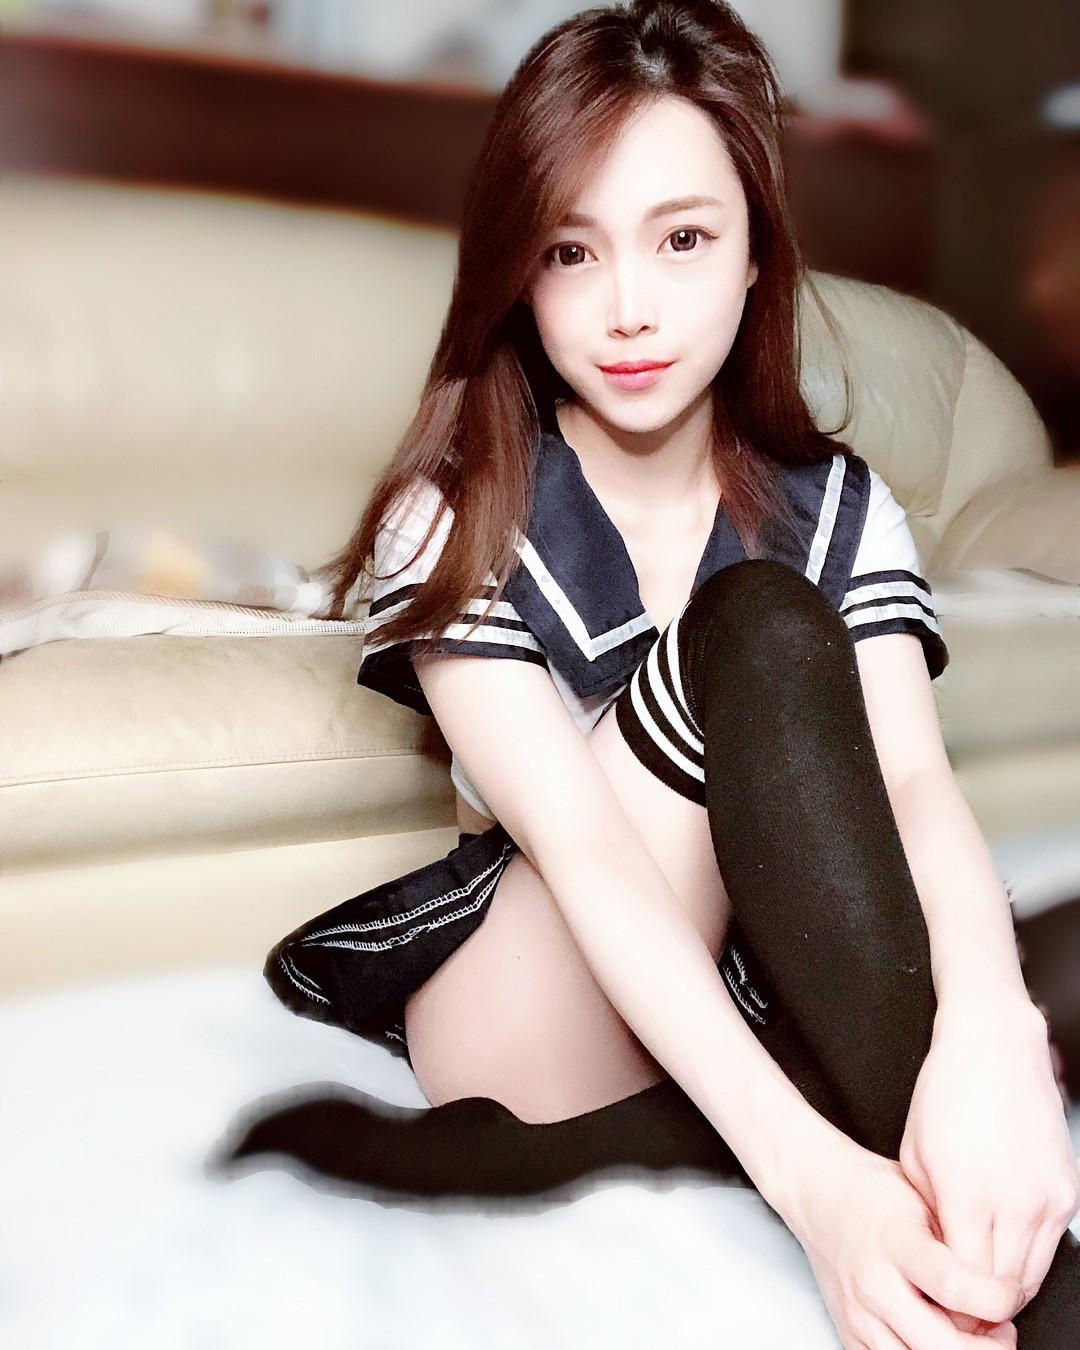 yuweno_29740353_437949413293952_2888284769764769792_n